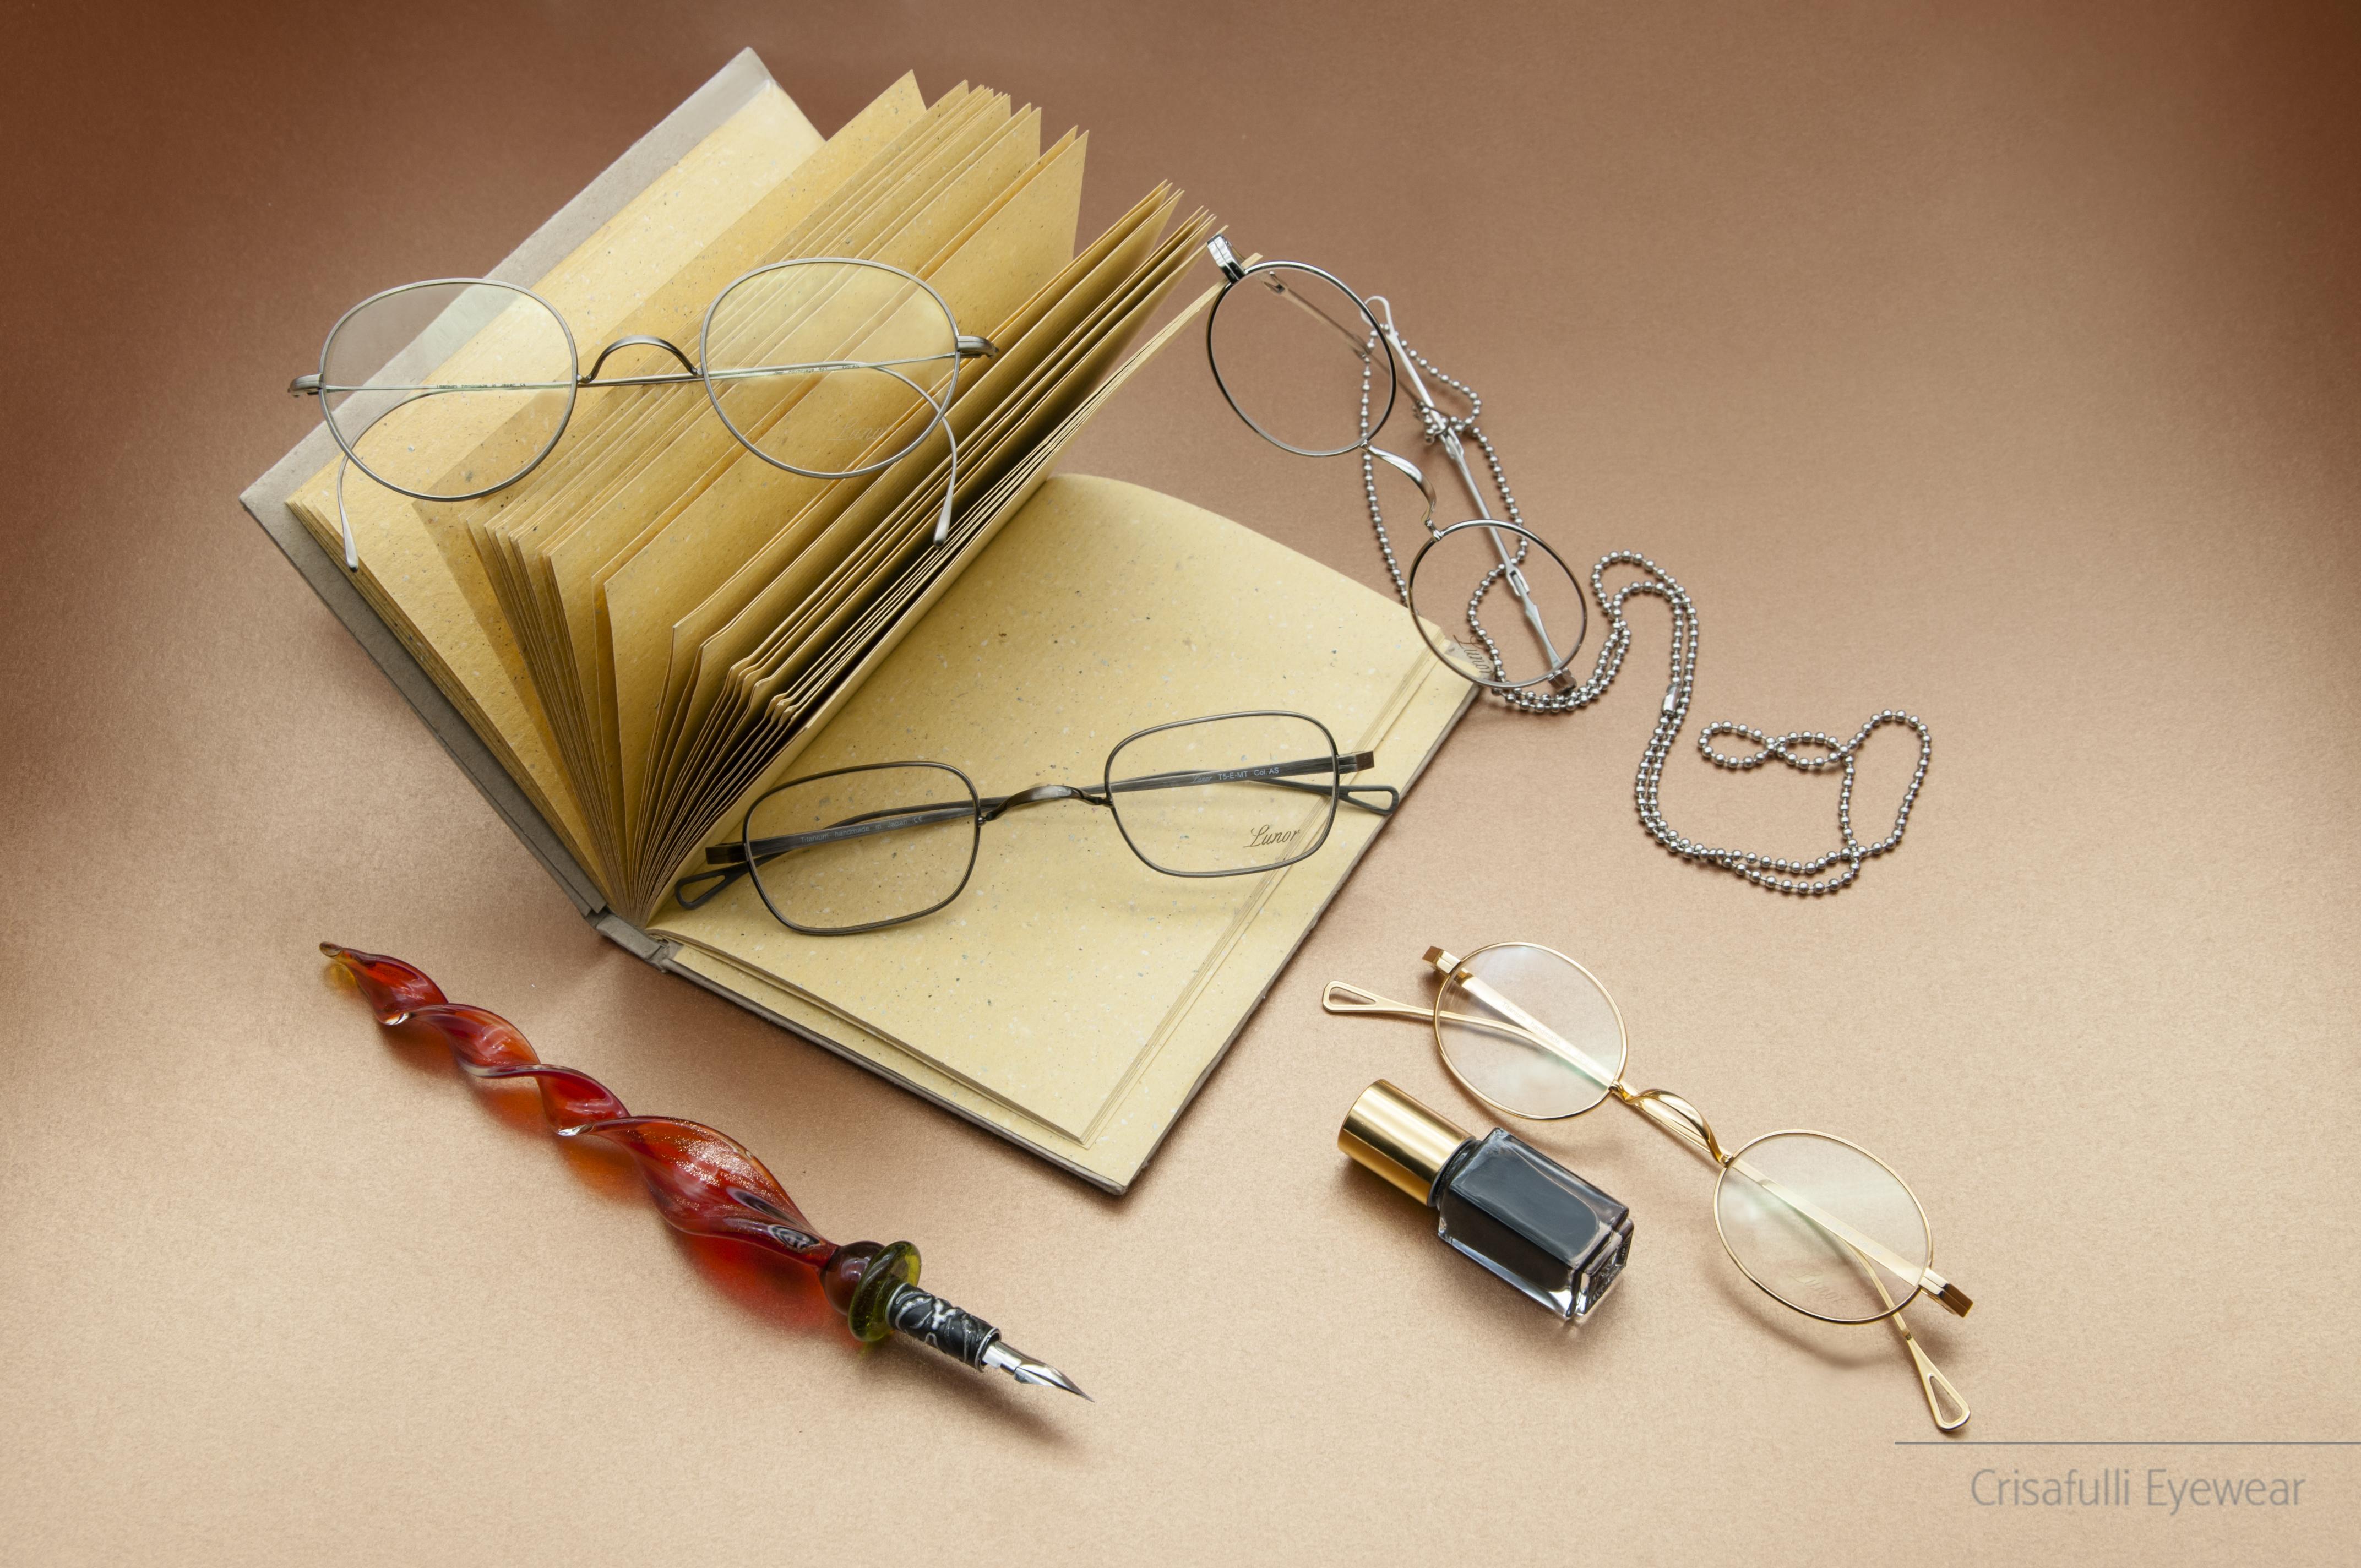 Crisafulli Eyewear - Lunor